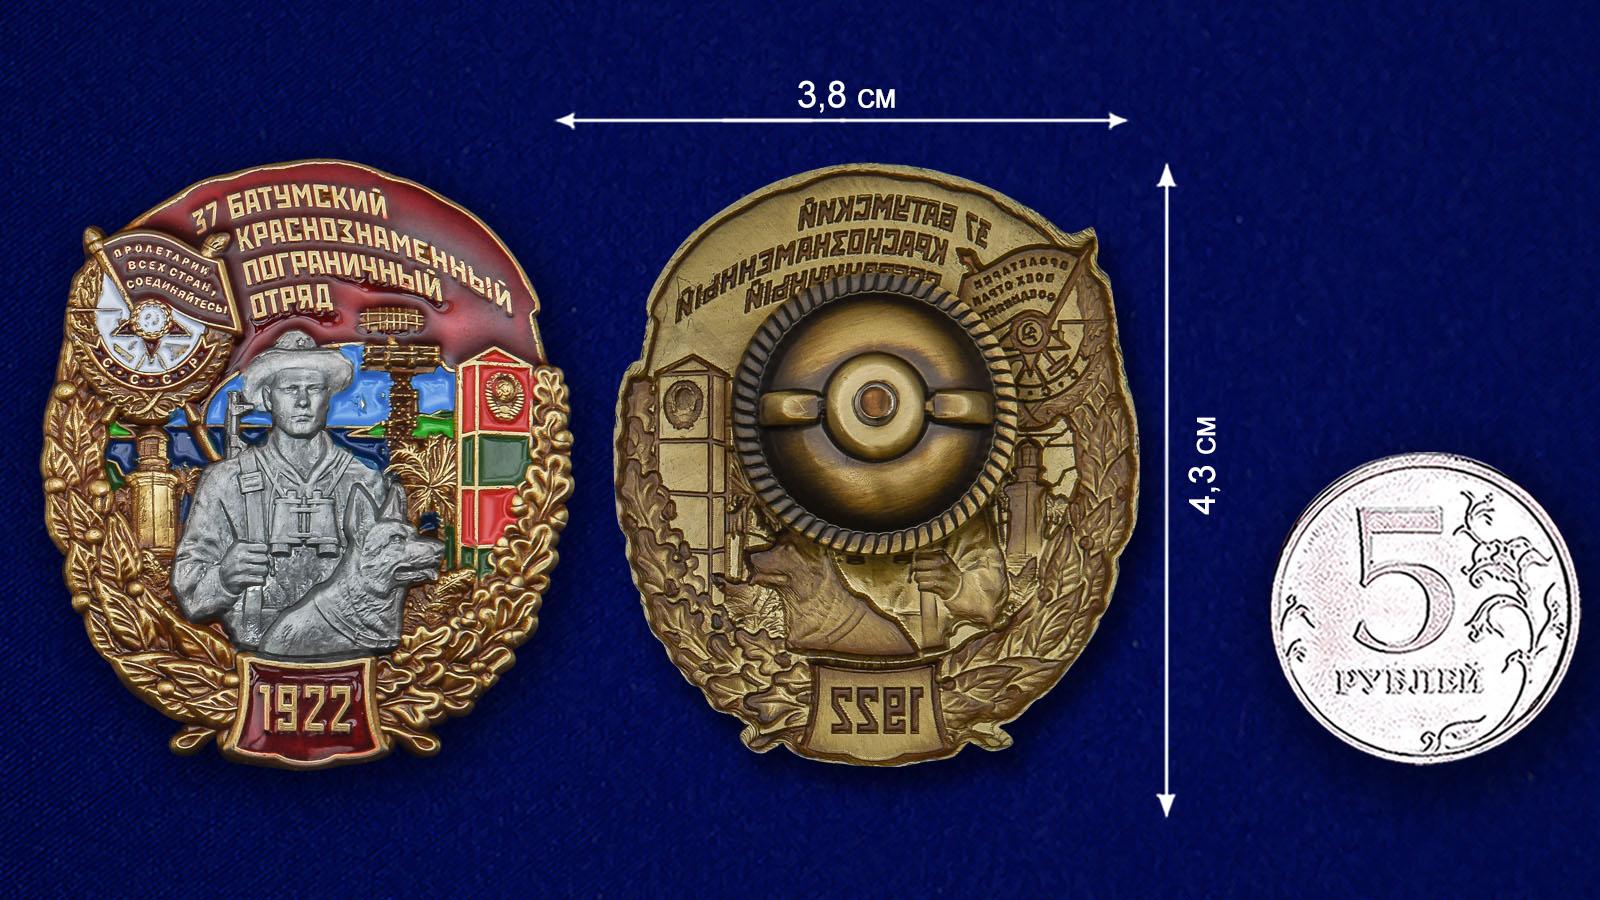 Знак 37 Батумский Краснознамённый Пограничный отряд - размер